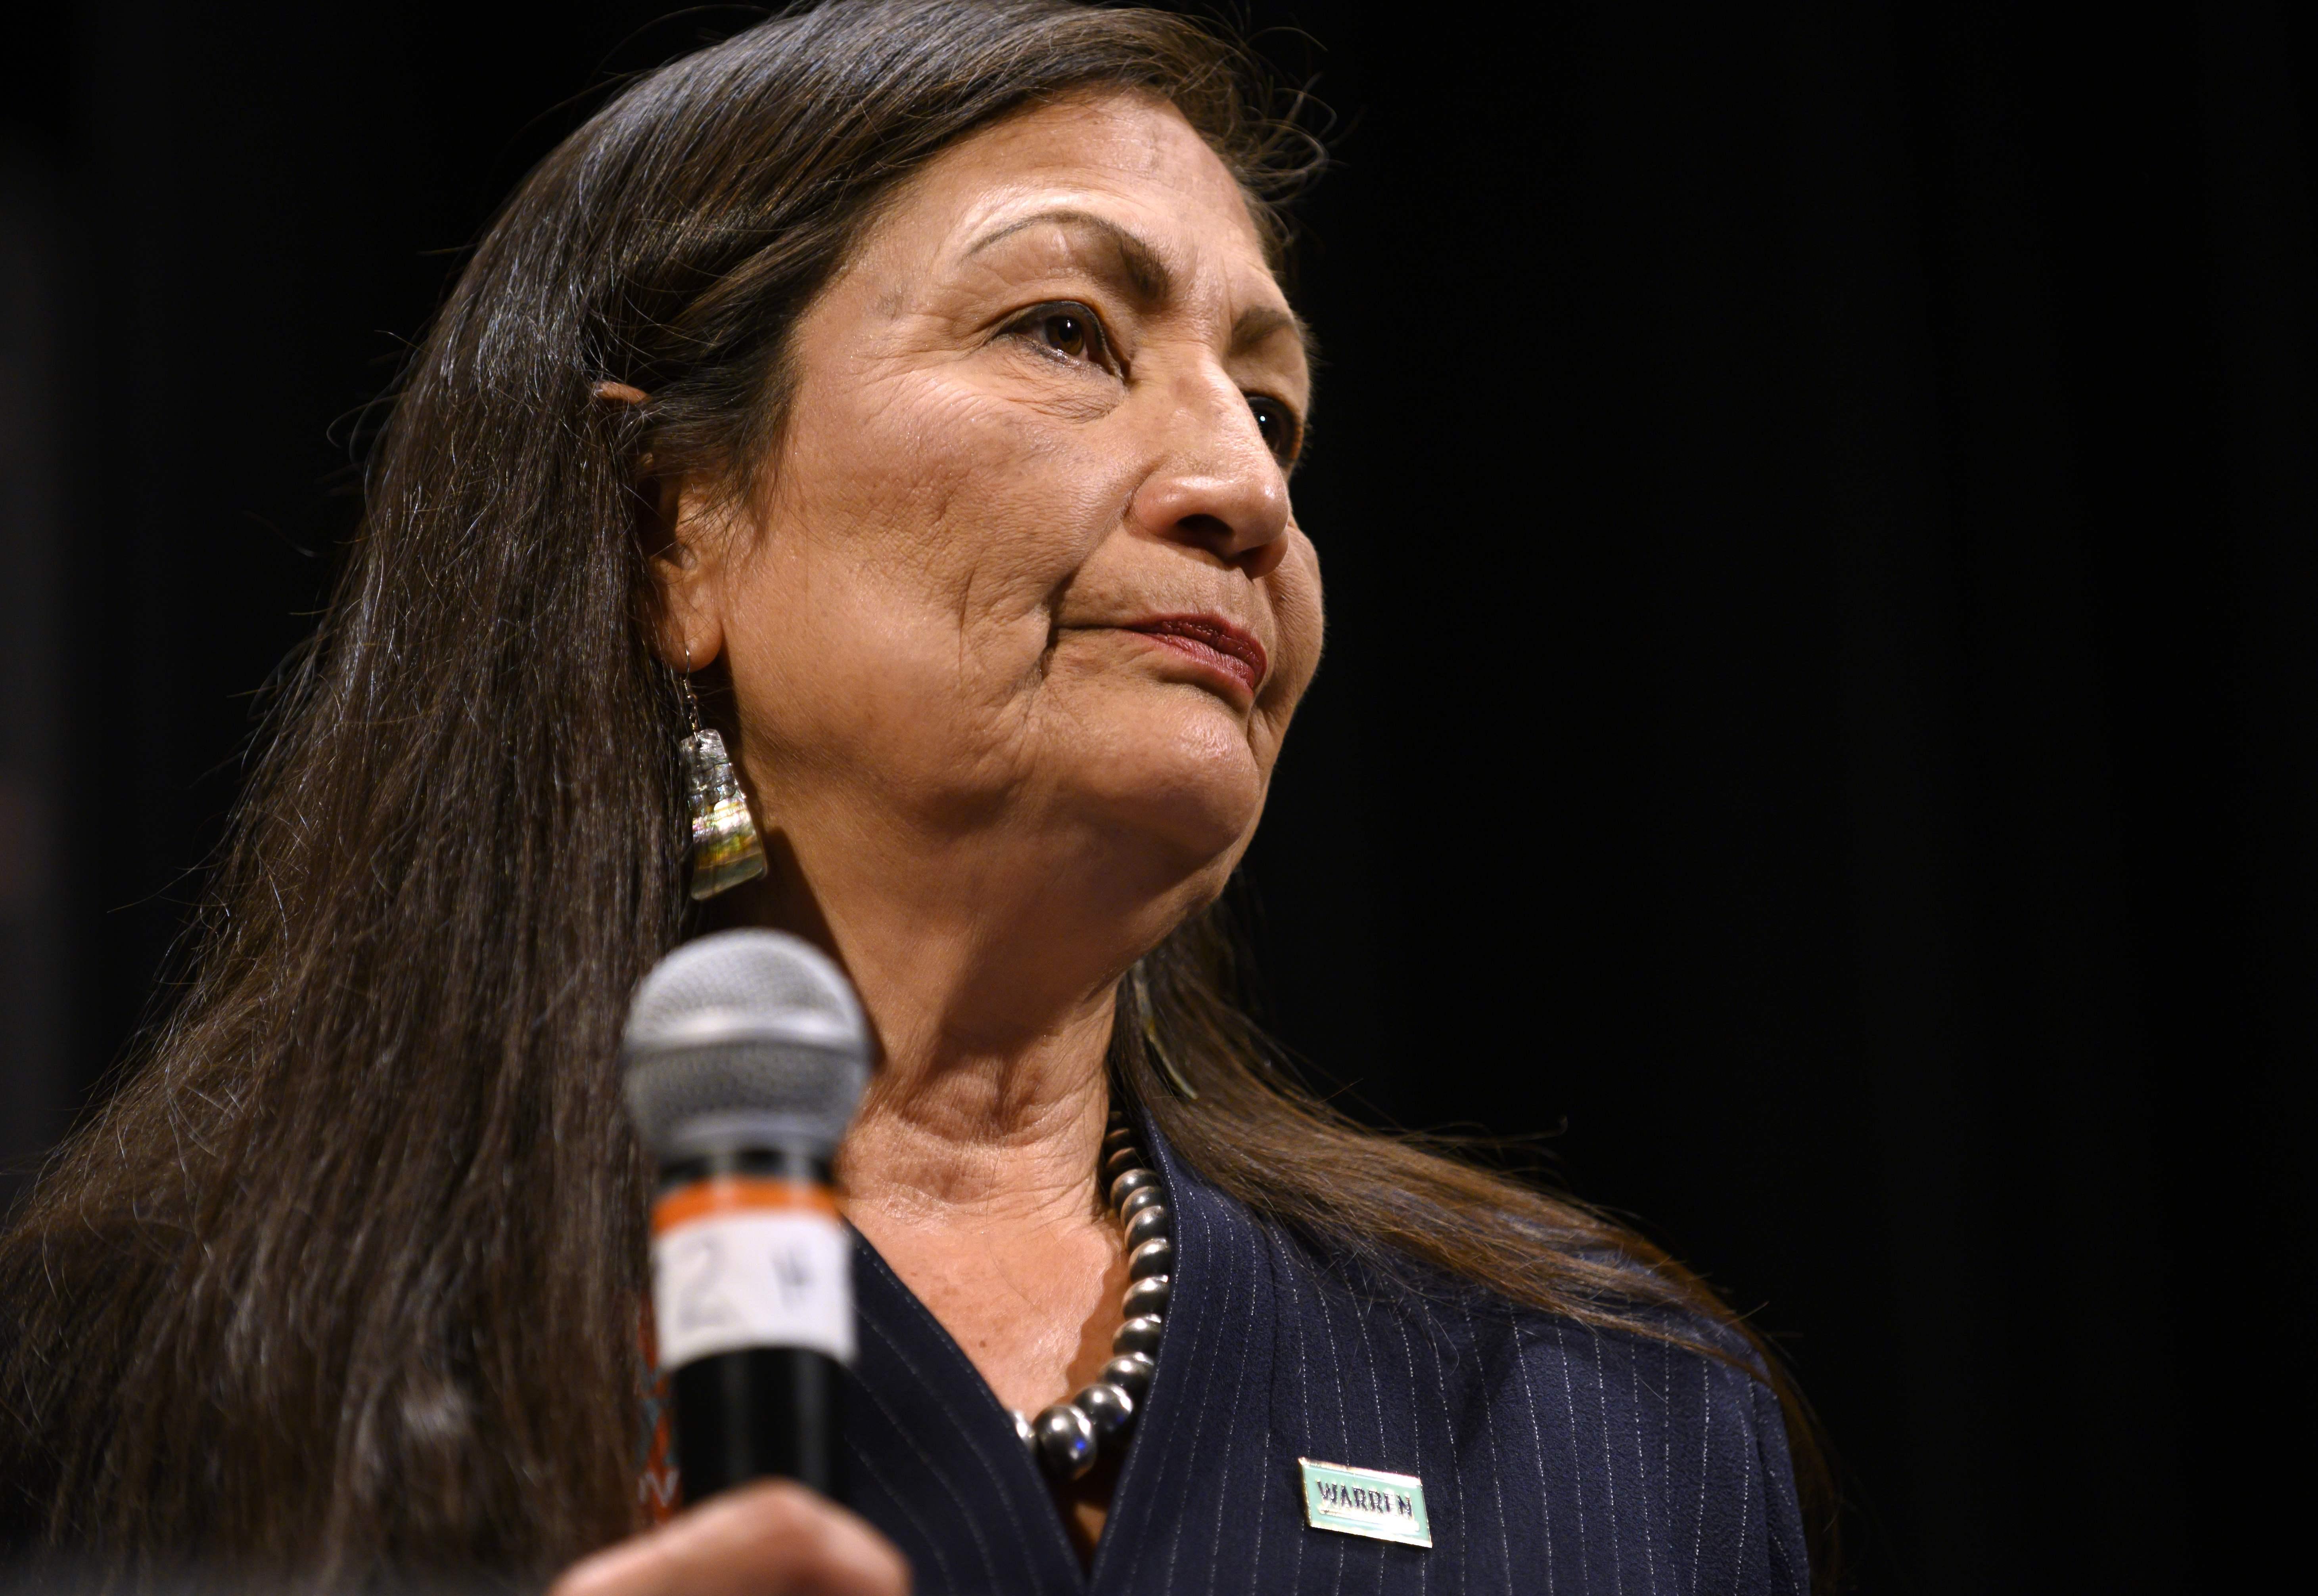 Deb Haaland, nominated by Biden for secretariat